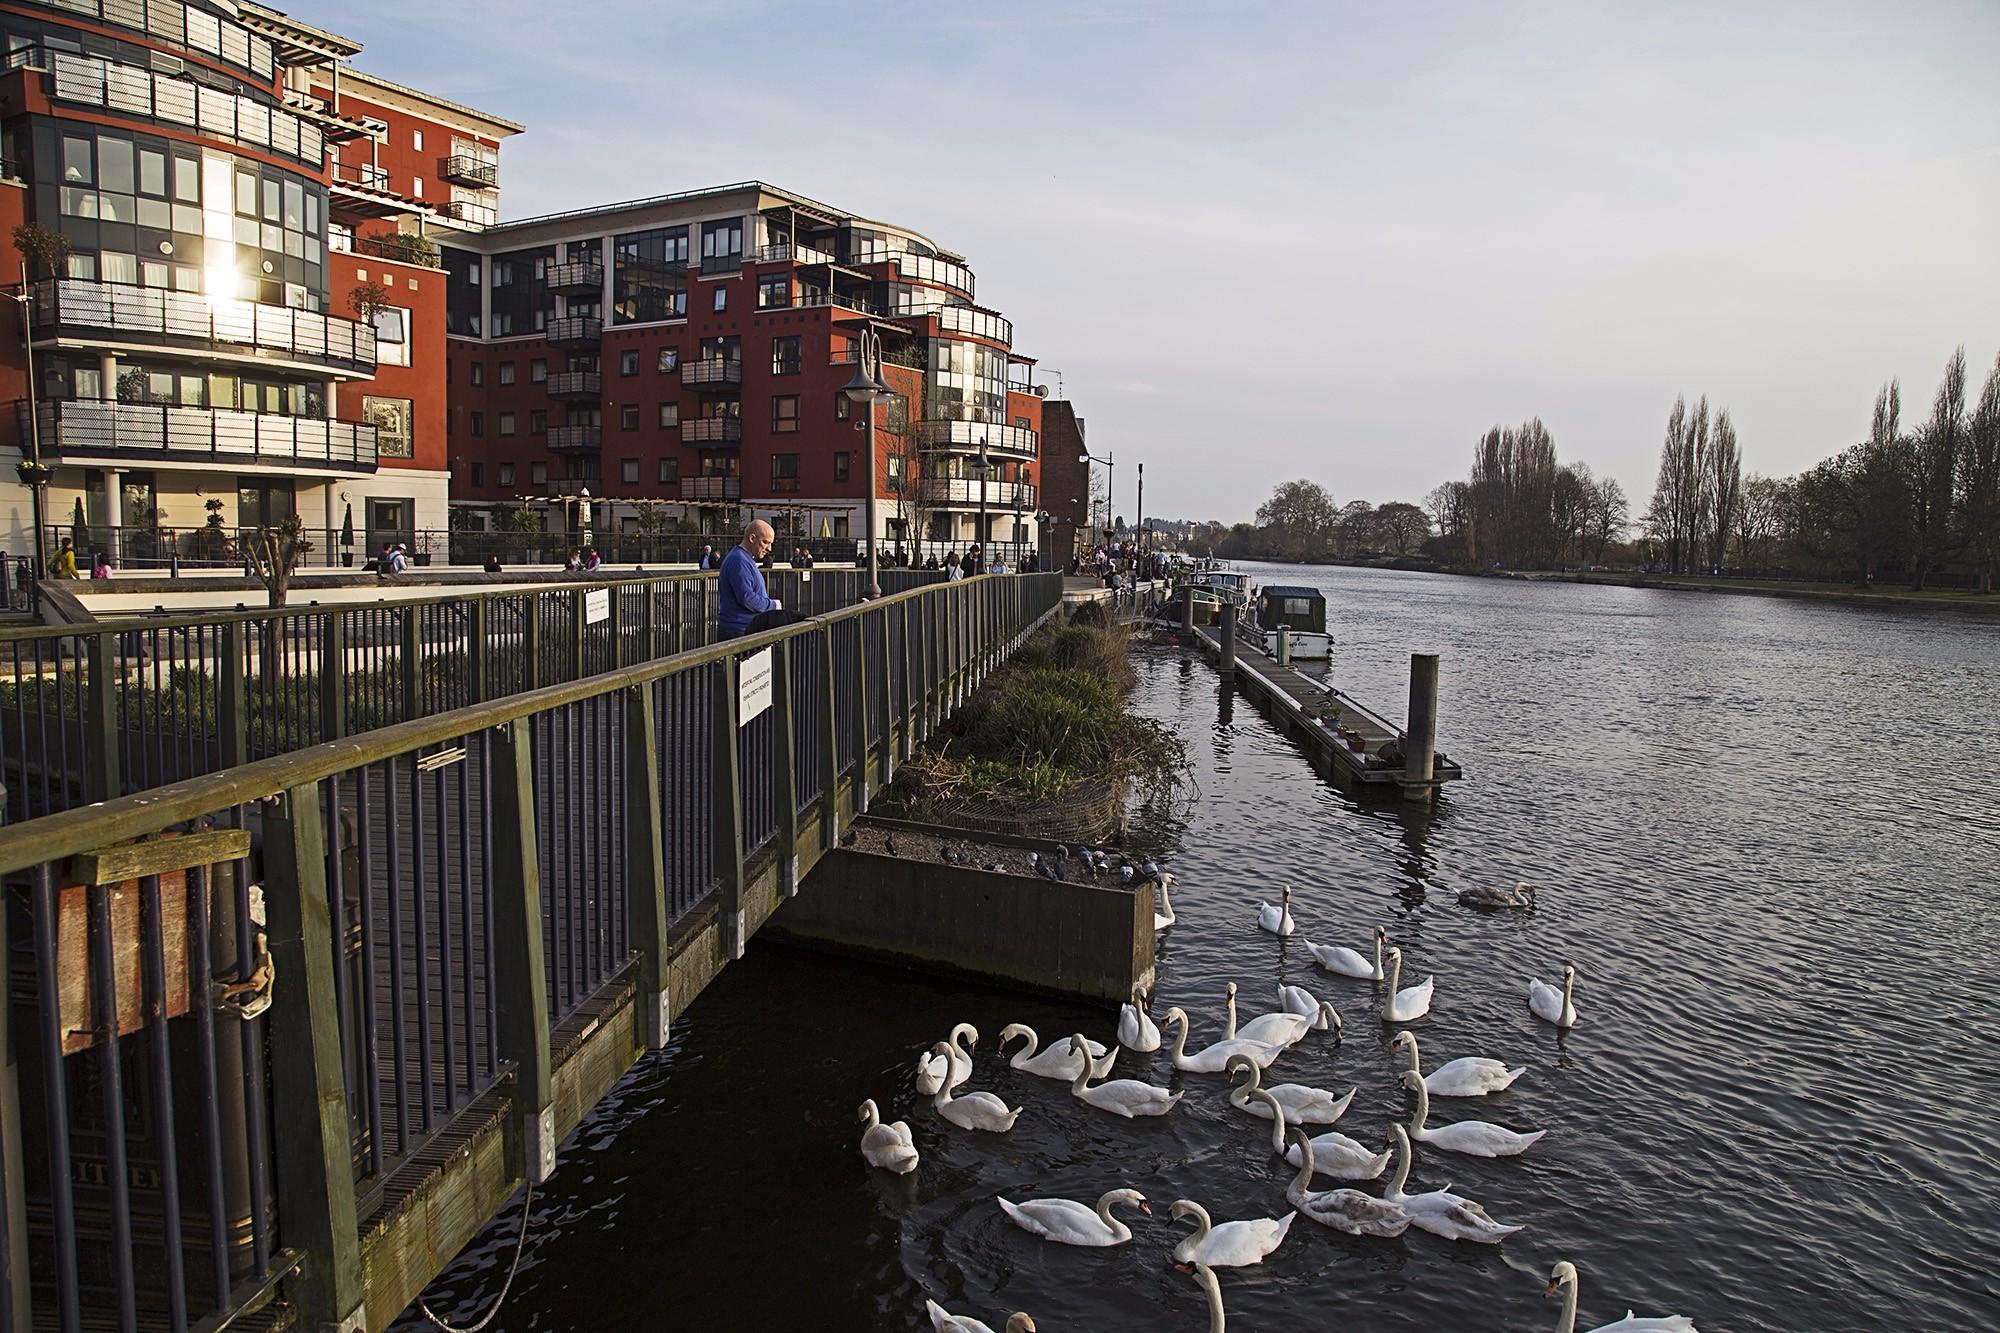 Kingston-swans-thames